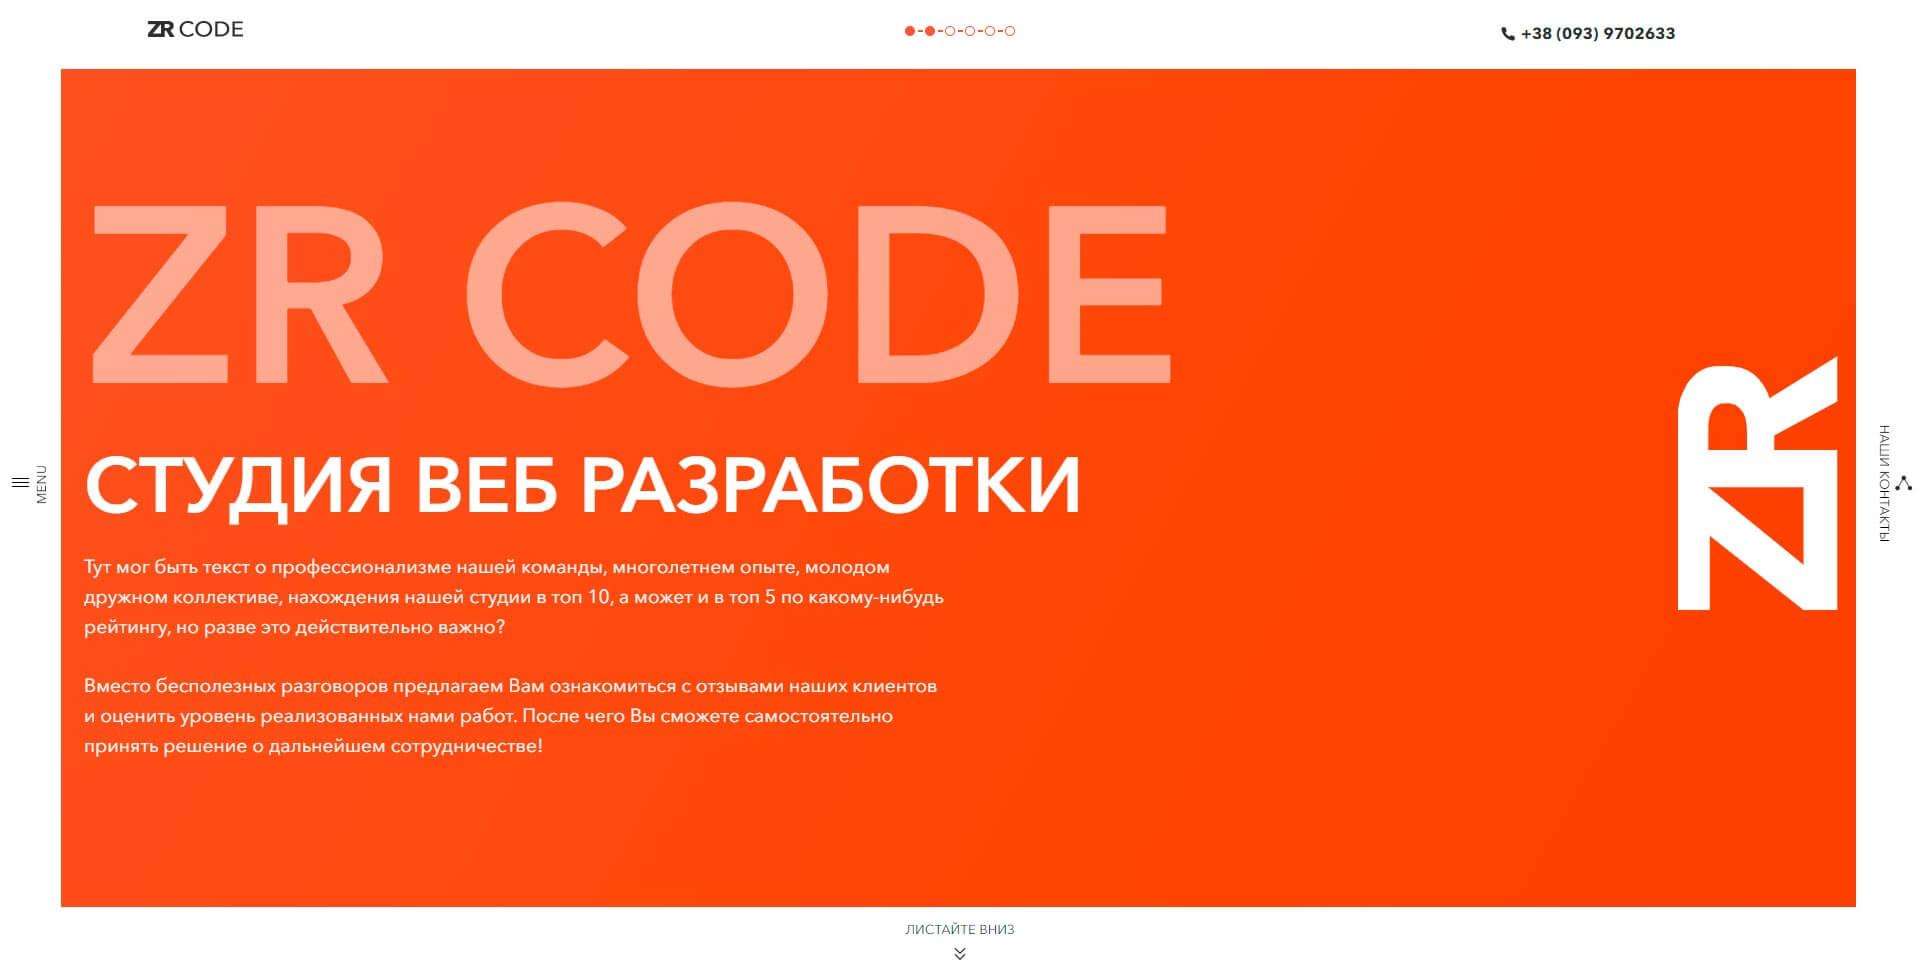 ZR code - обзор компании, услуги, отзывы, клиенты, Фото № 1 - google-seo.pro